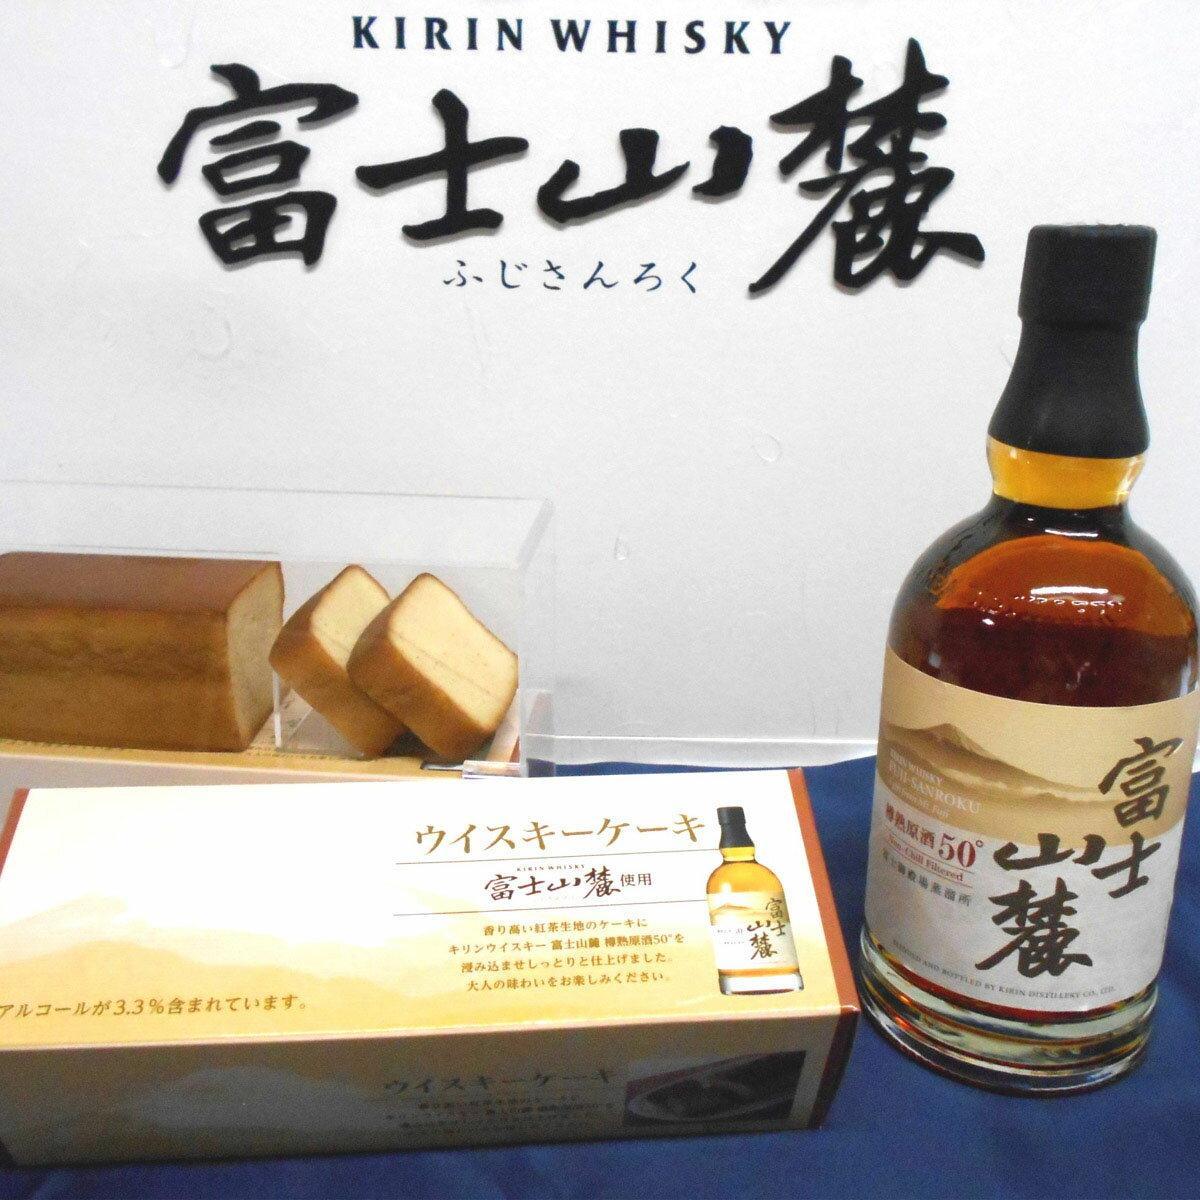 【ふるさと納税】「キリンウイスキー富士山麓樽熟原酒50°」とキリンの工場見学限定「ウイスキーケーキ」セット